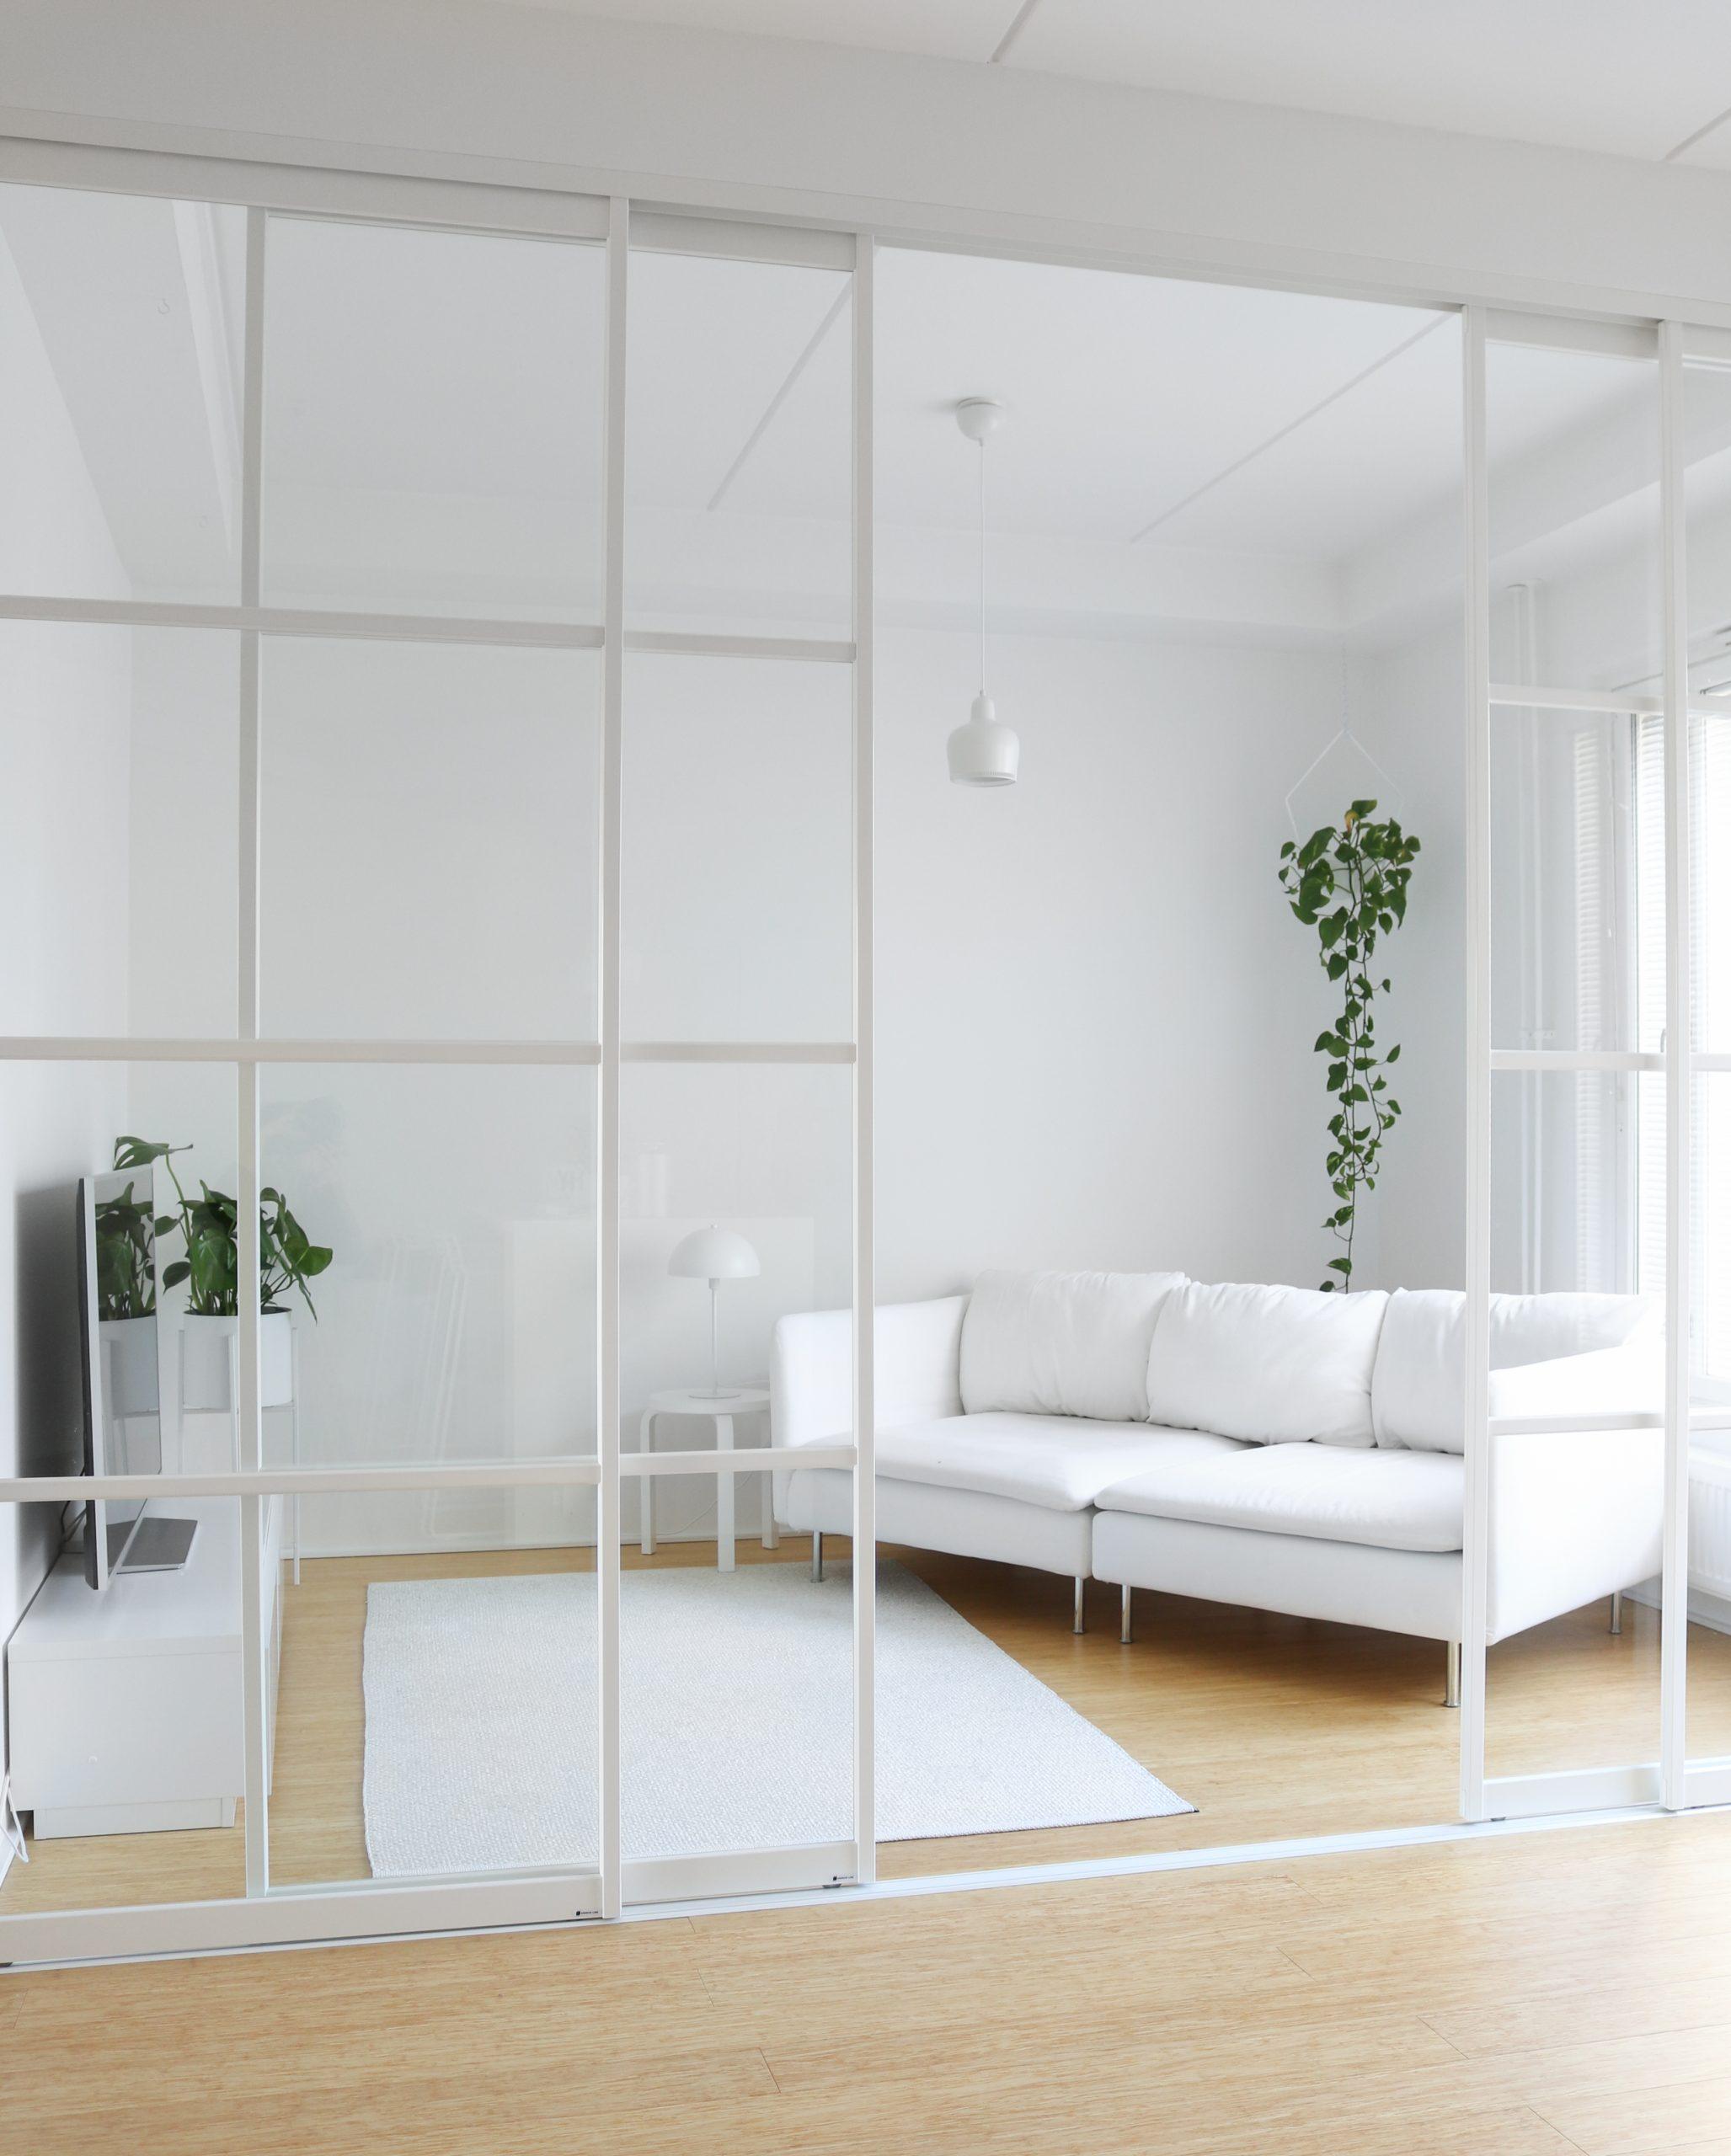 Olohuoneen valkoinen sisustus ja lasiliukuovet Omakotivalkoinen sisustusblogi